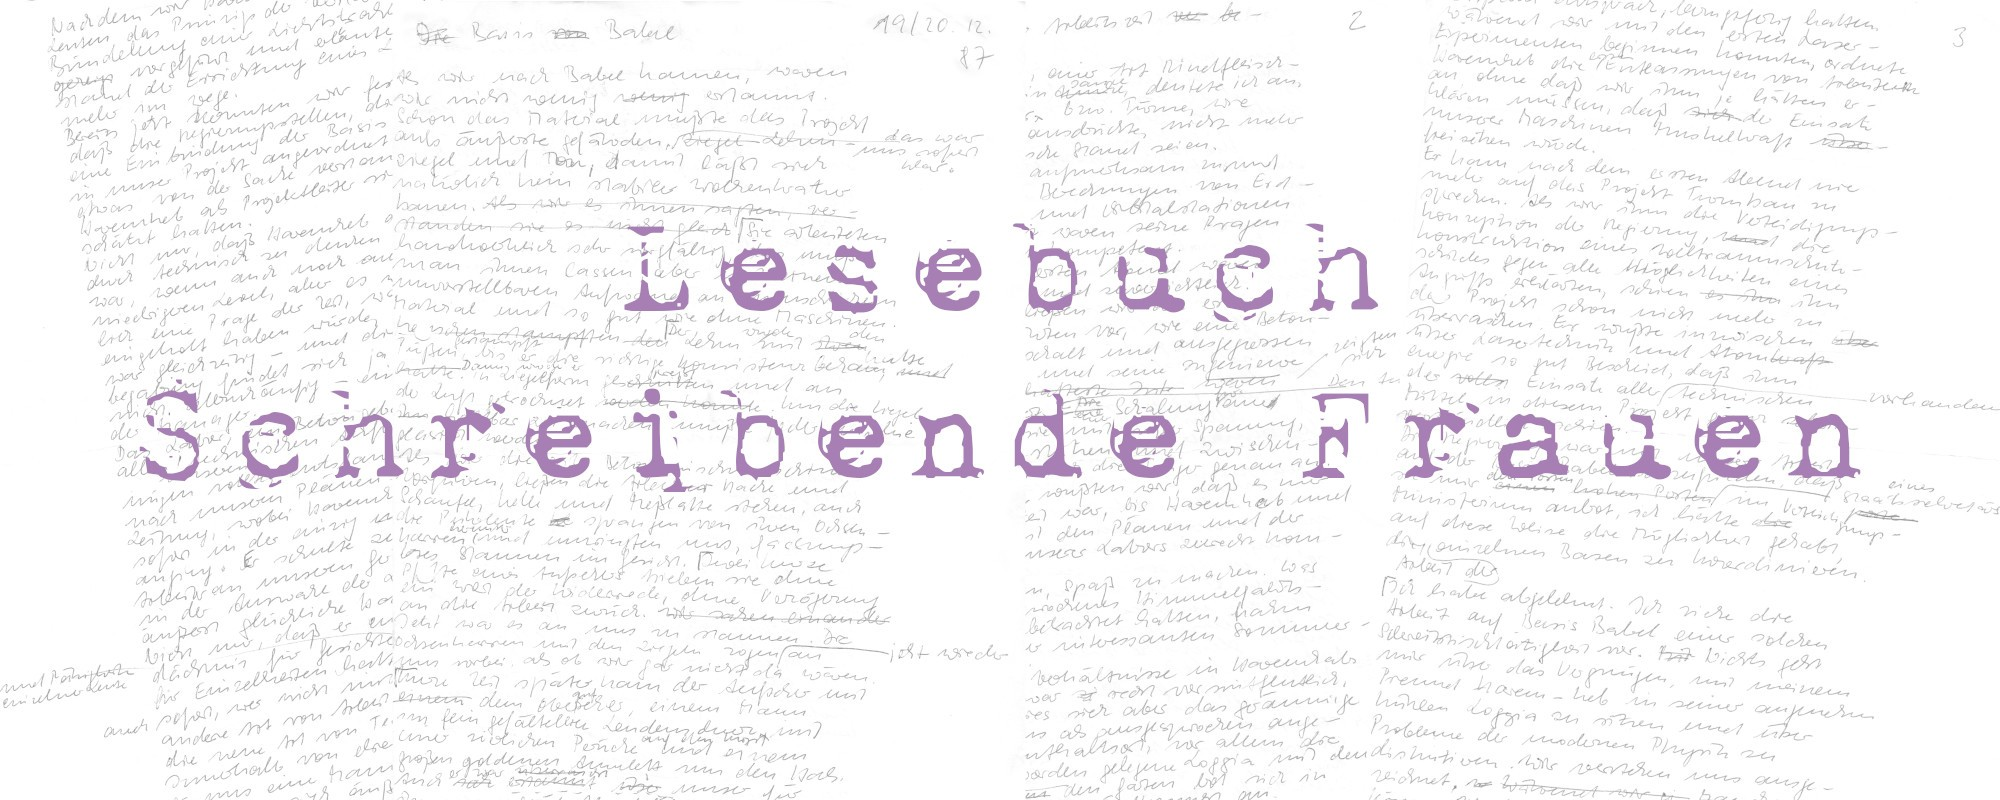 Anne-Birk-Lesebuch-Schreibende-Frauen-Basis-Babel-Schriftbild